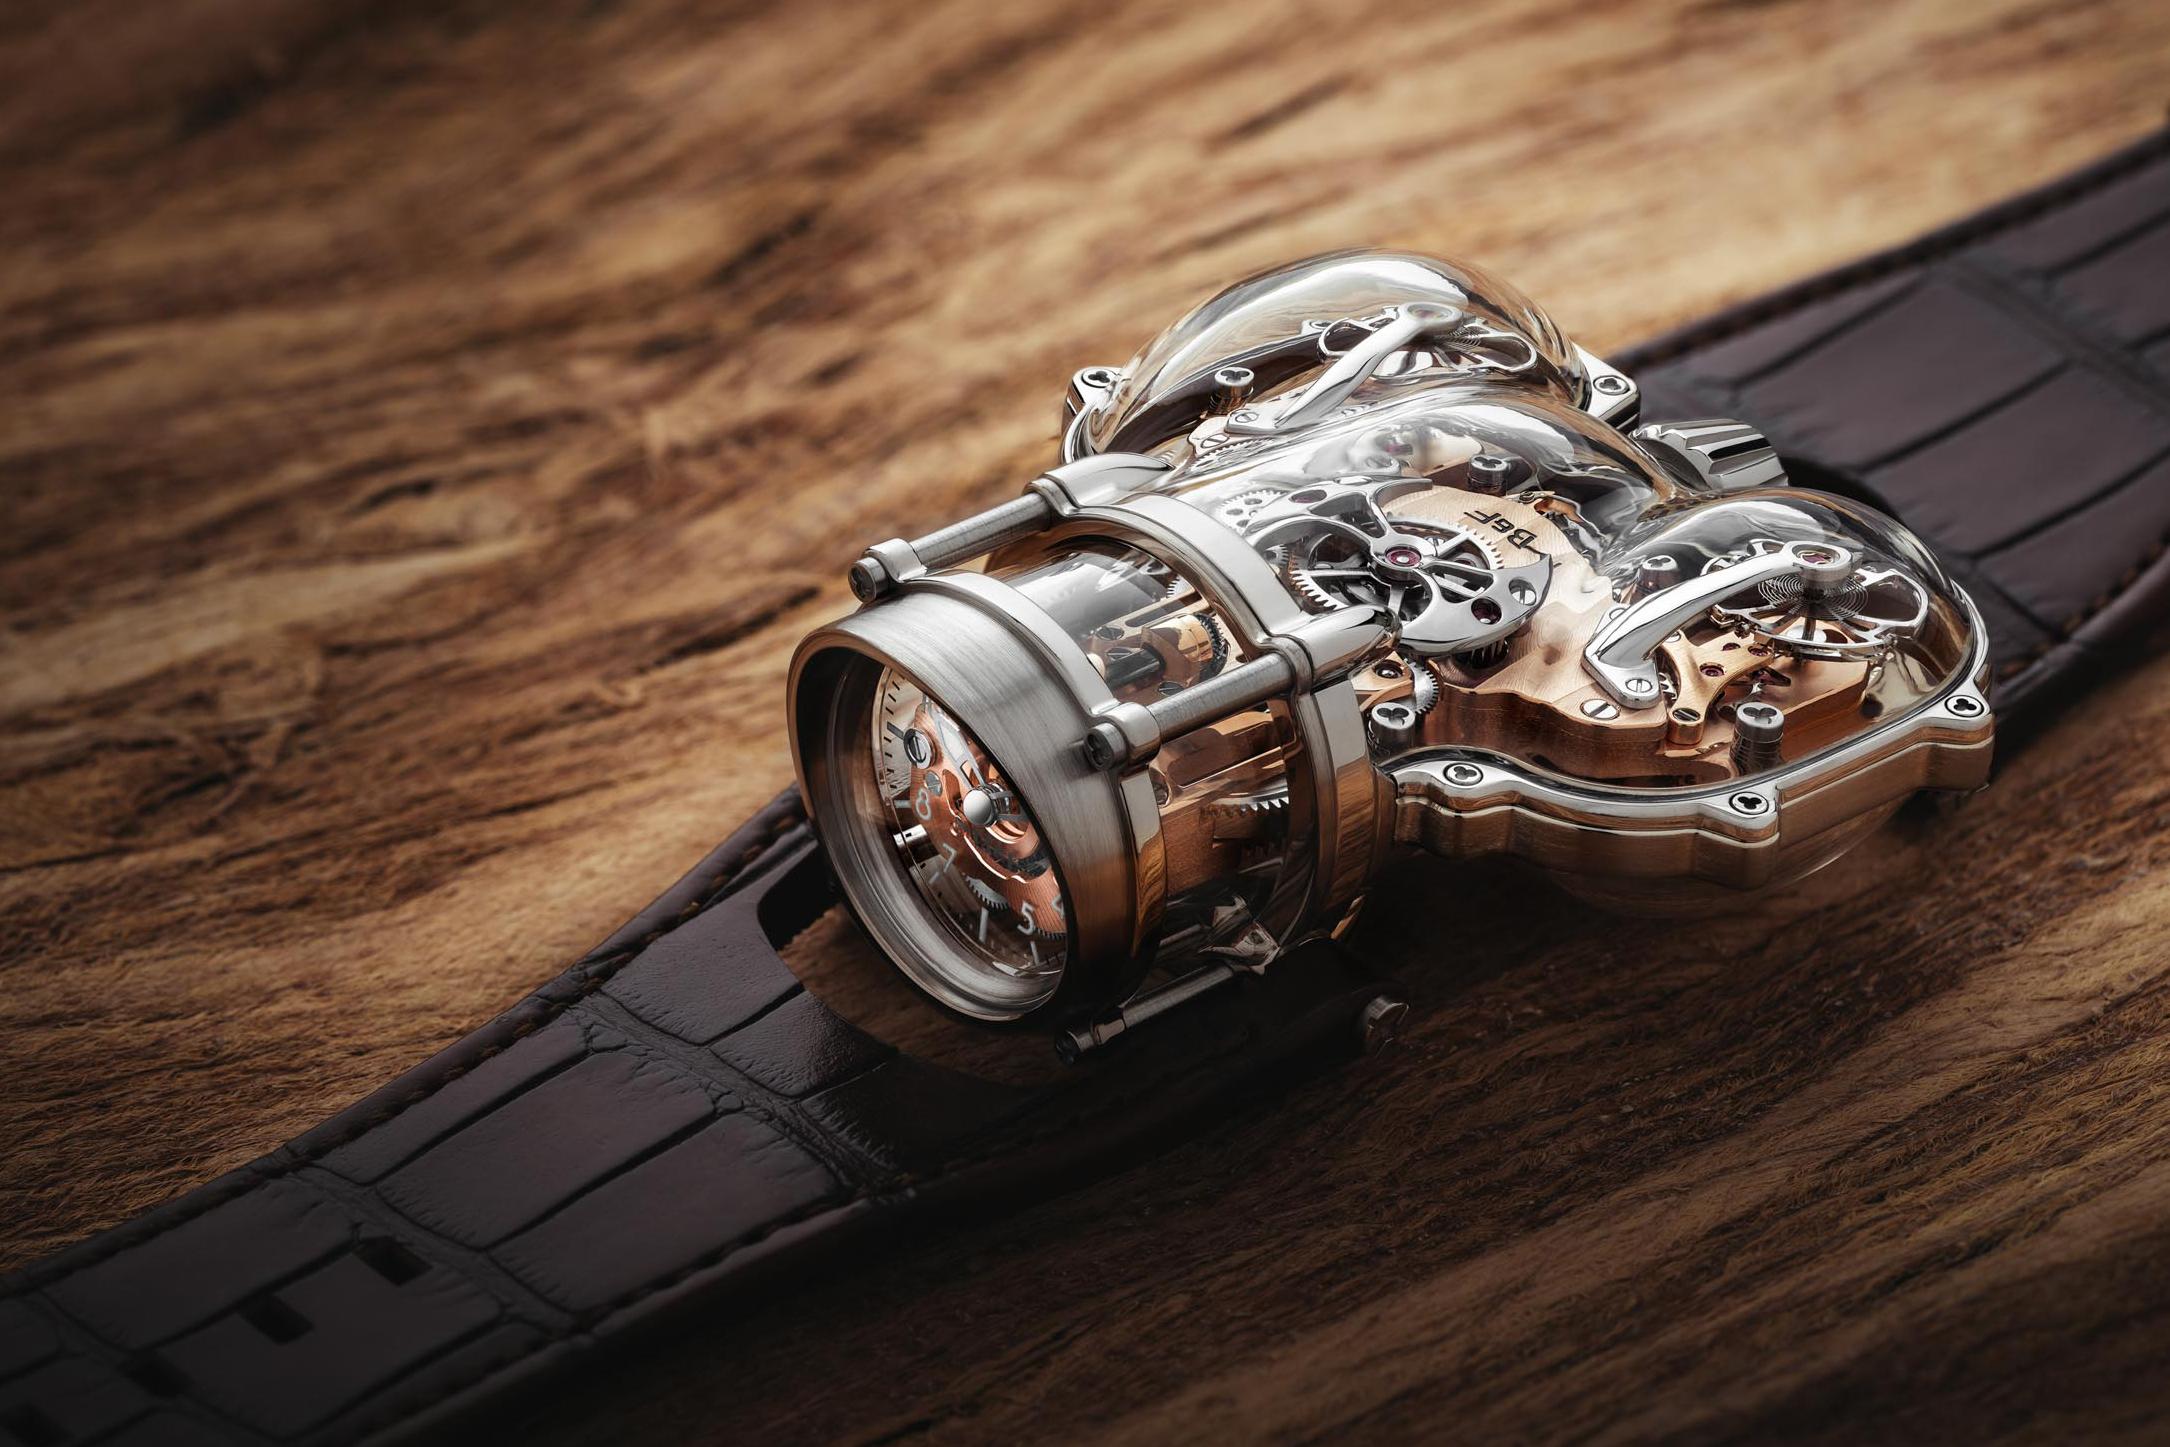 MB&F ra mắt đồng hồ mới MB&F Horological Machine N°9 'Sapphire Vision': Một bứt phá ngoạn mục trong thế giới thời gian